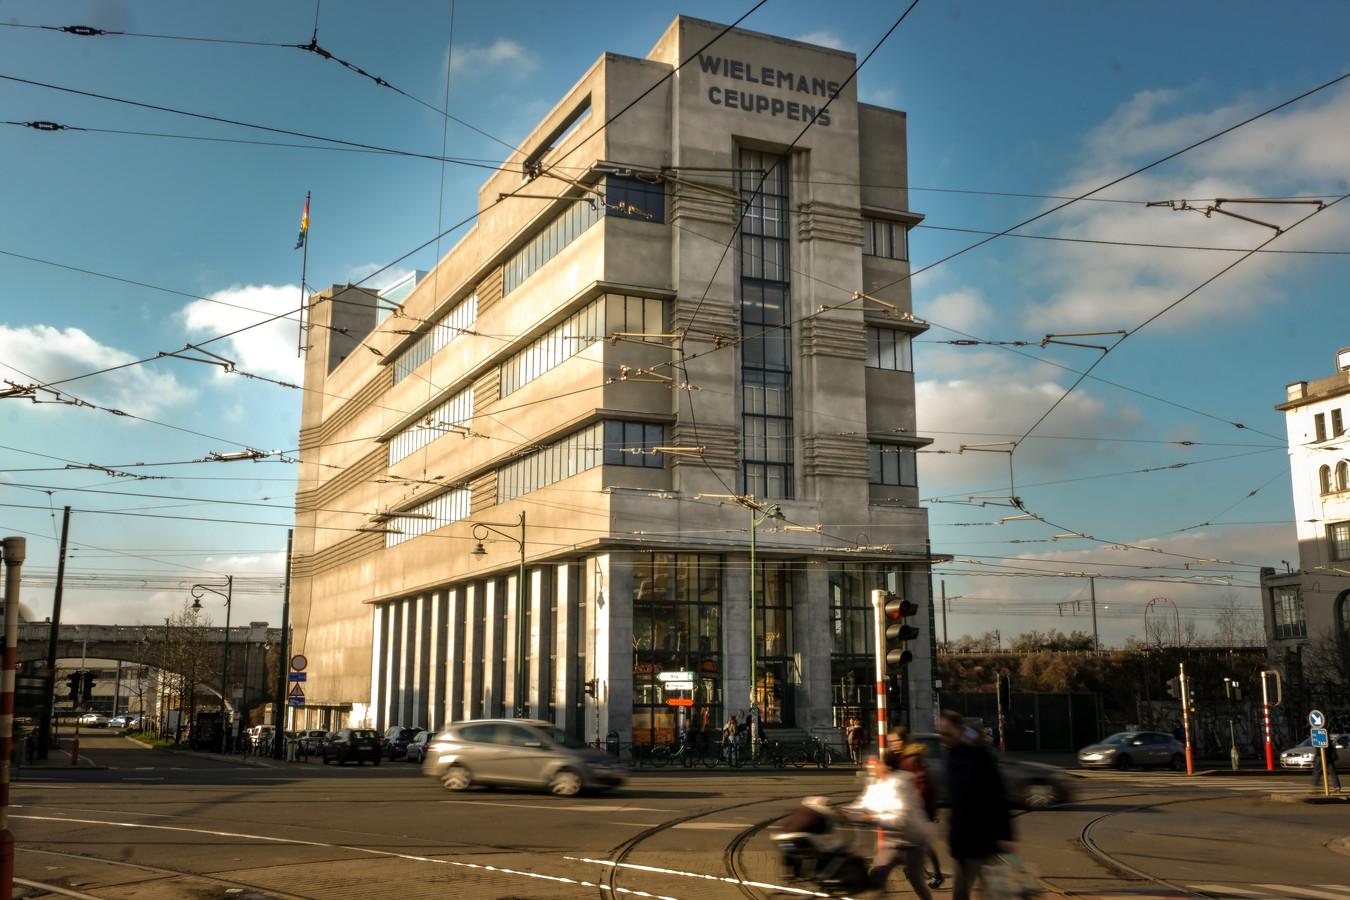 Het Wiels Museum in Brussel (beeld ter illustratie).